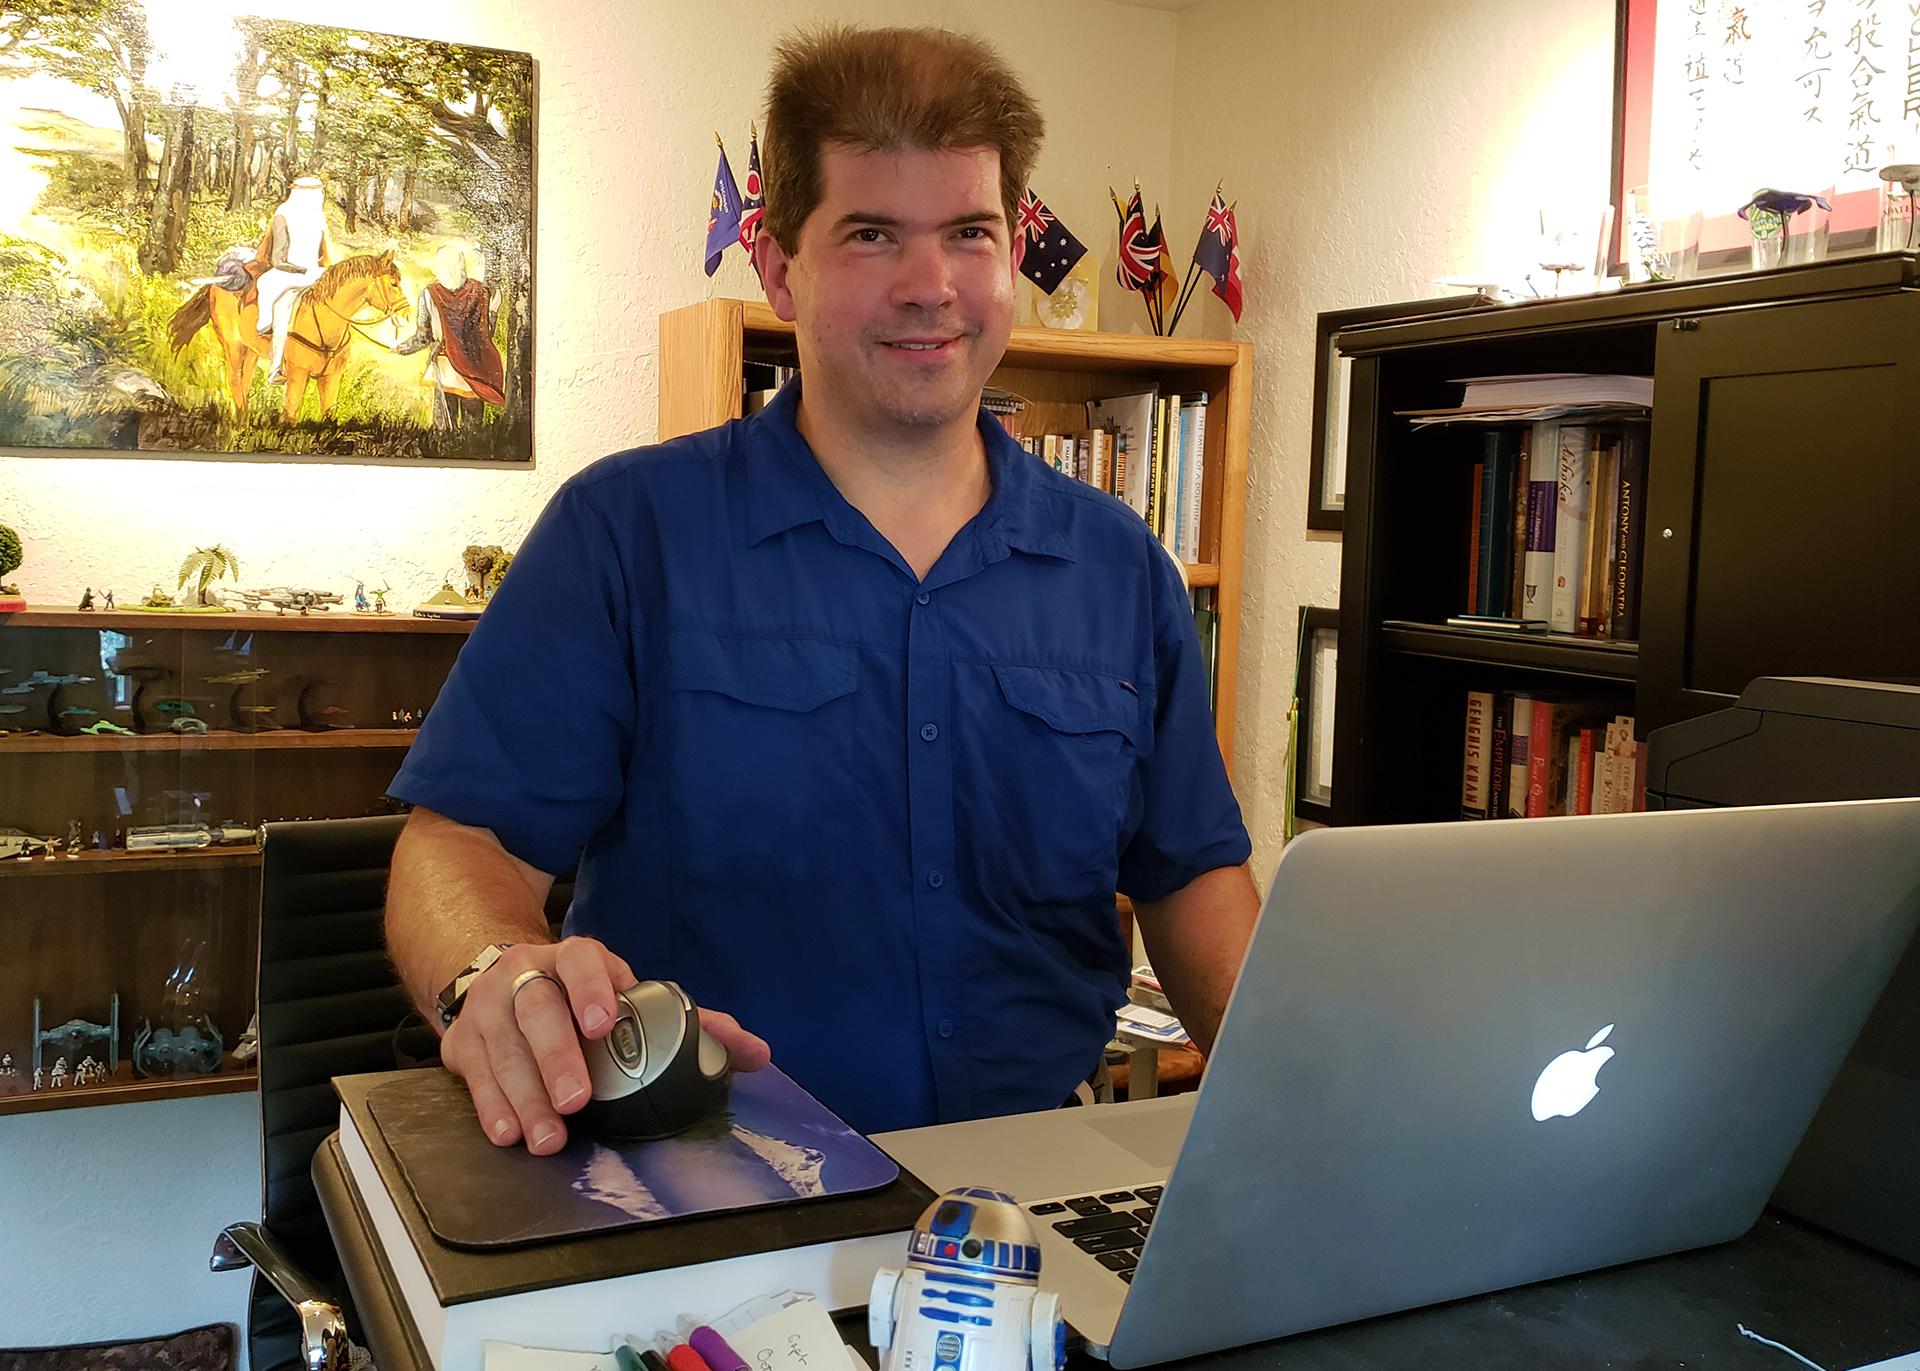 Edwin Wollert in the office